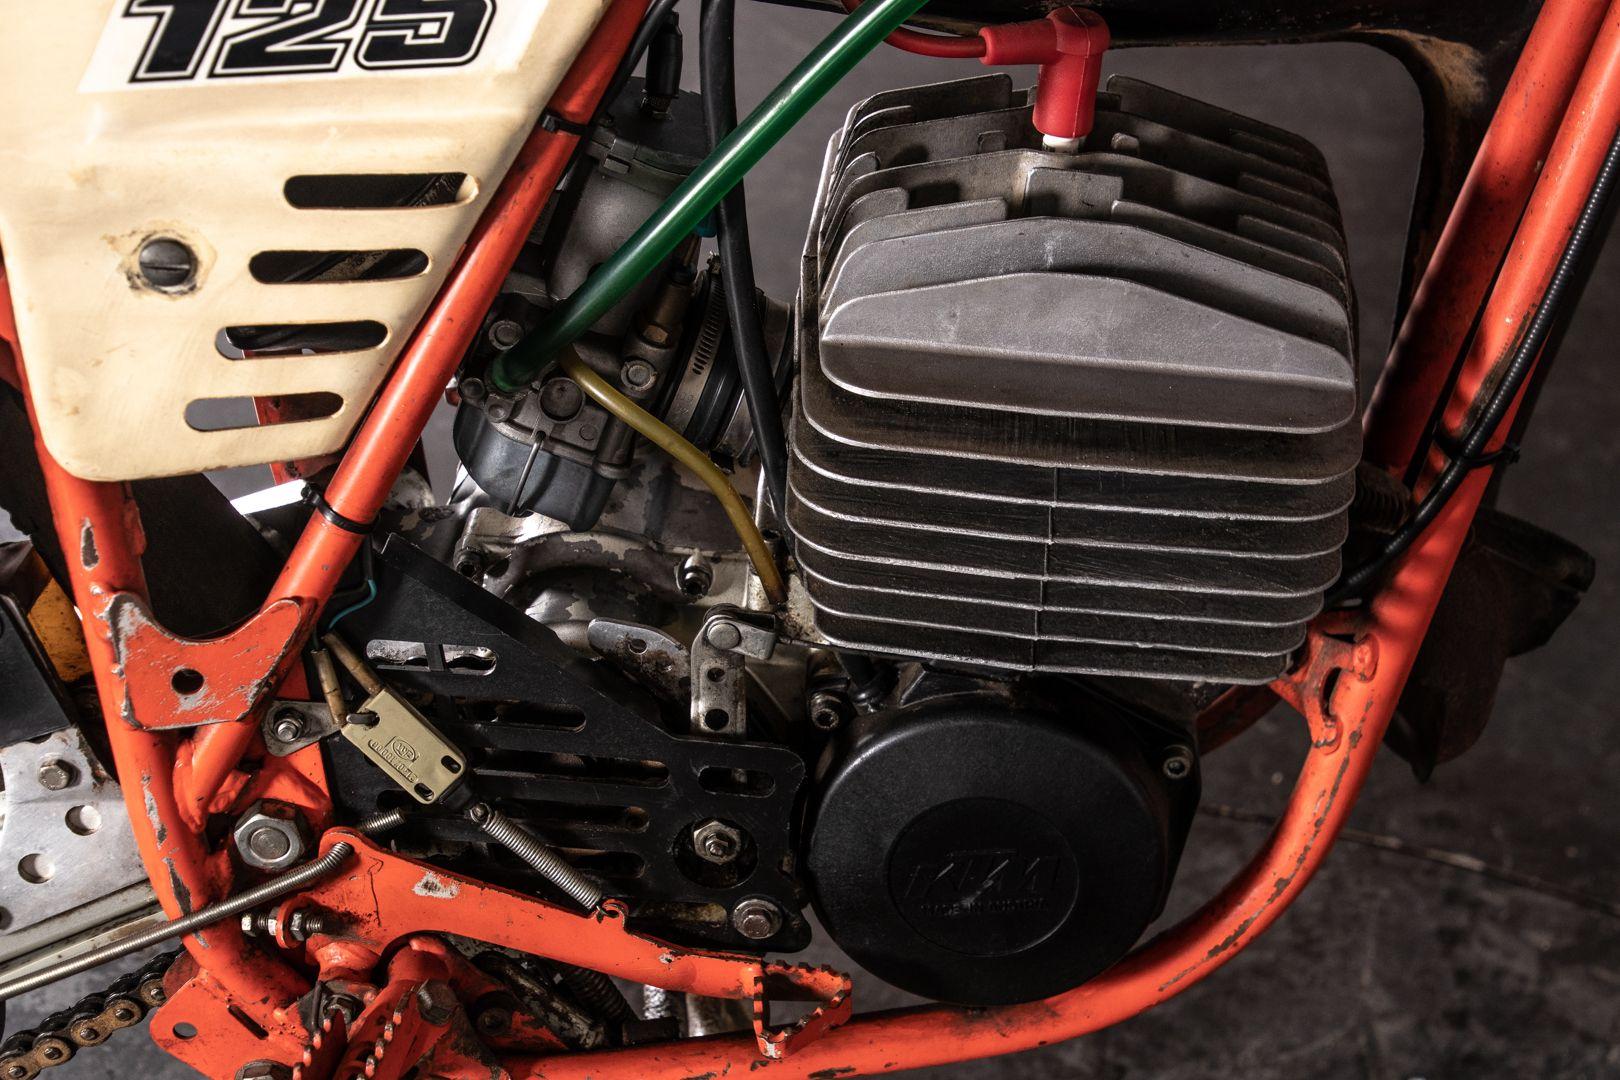 1980 KTM 125 RV 48148